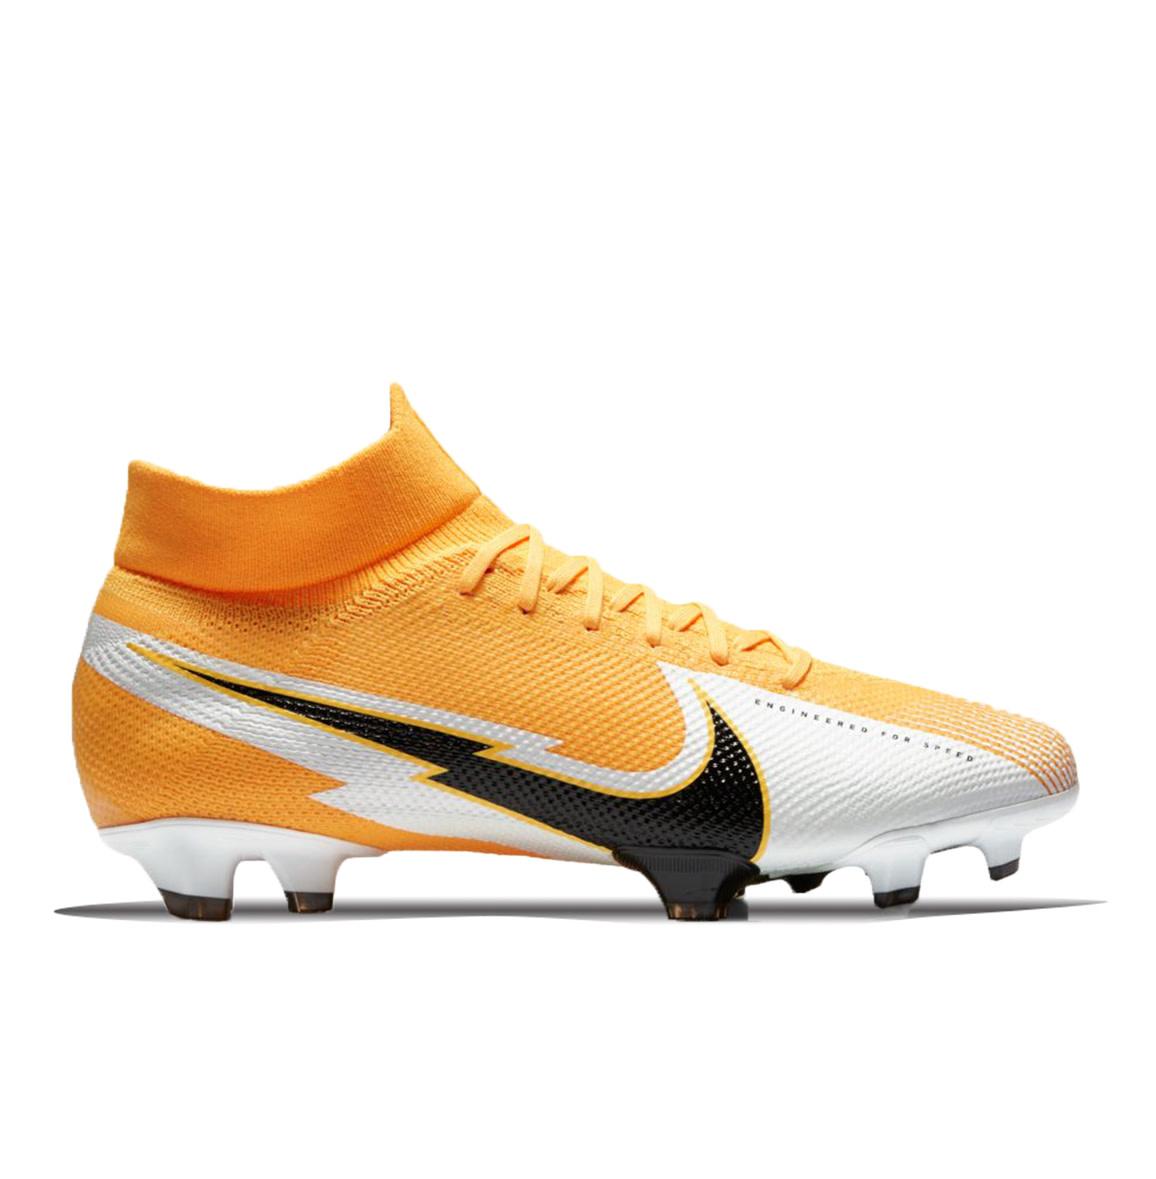 Nike NIKE Superfly 7 Pro FG